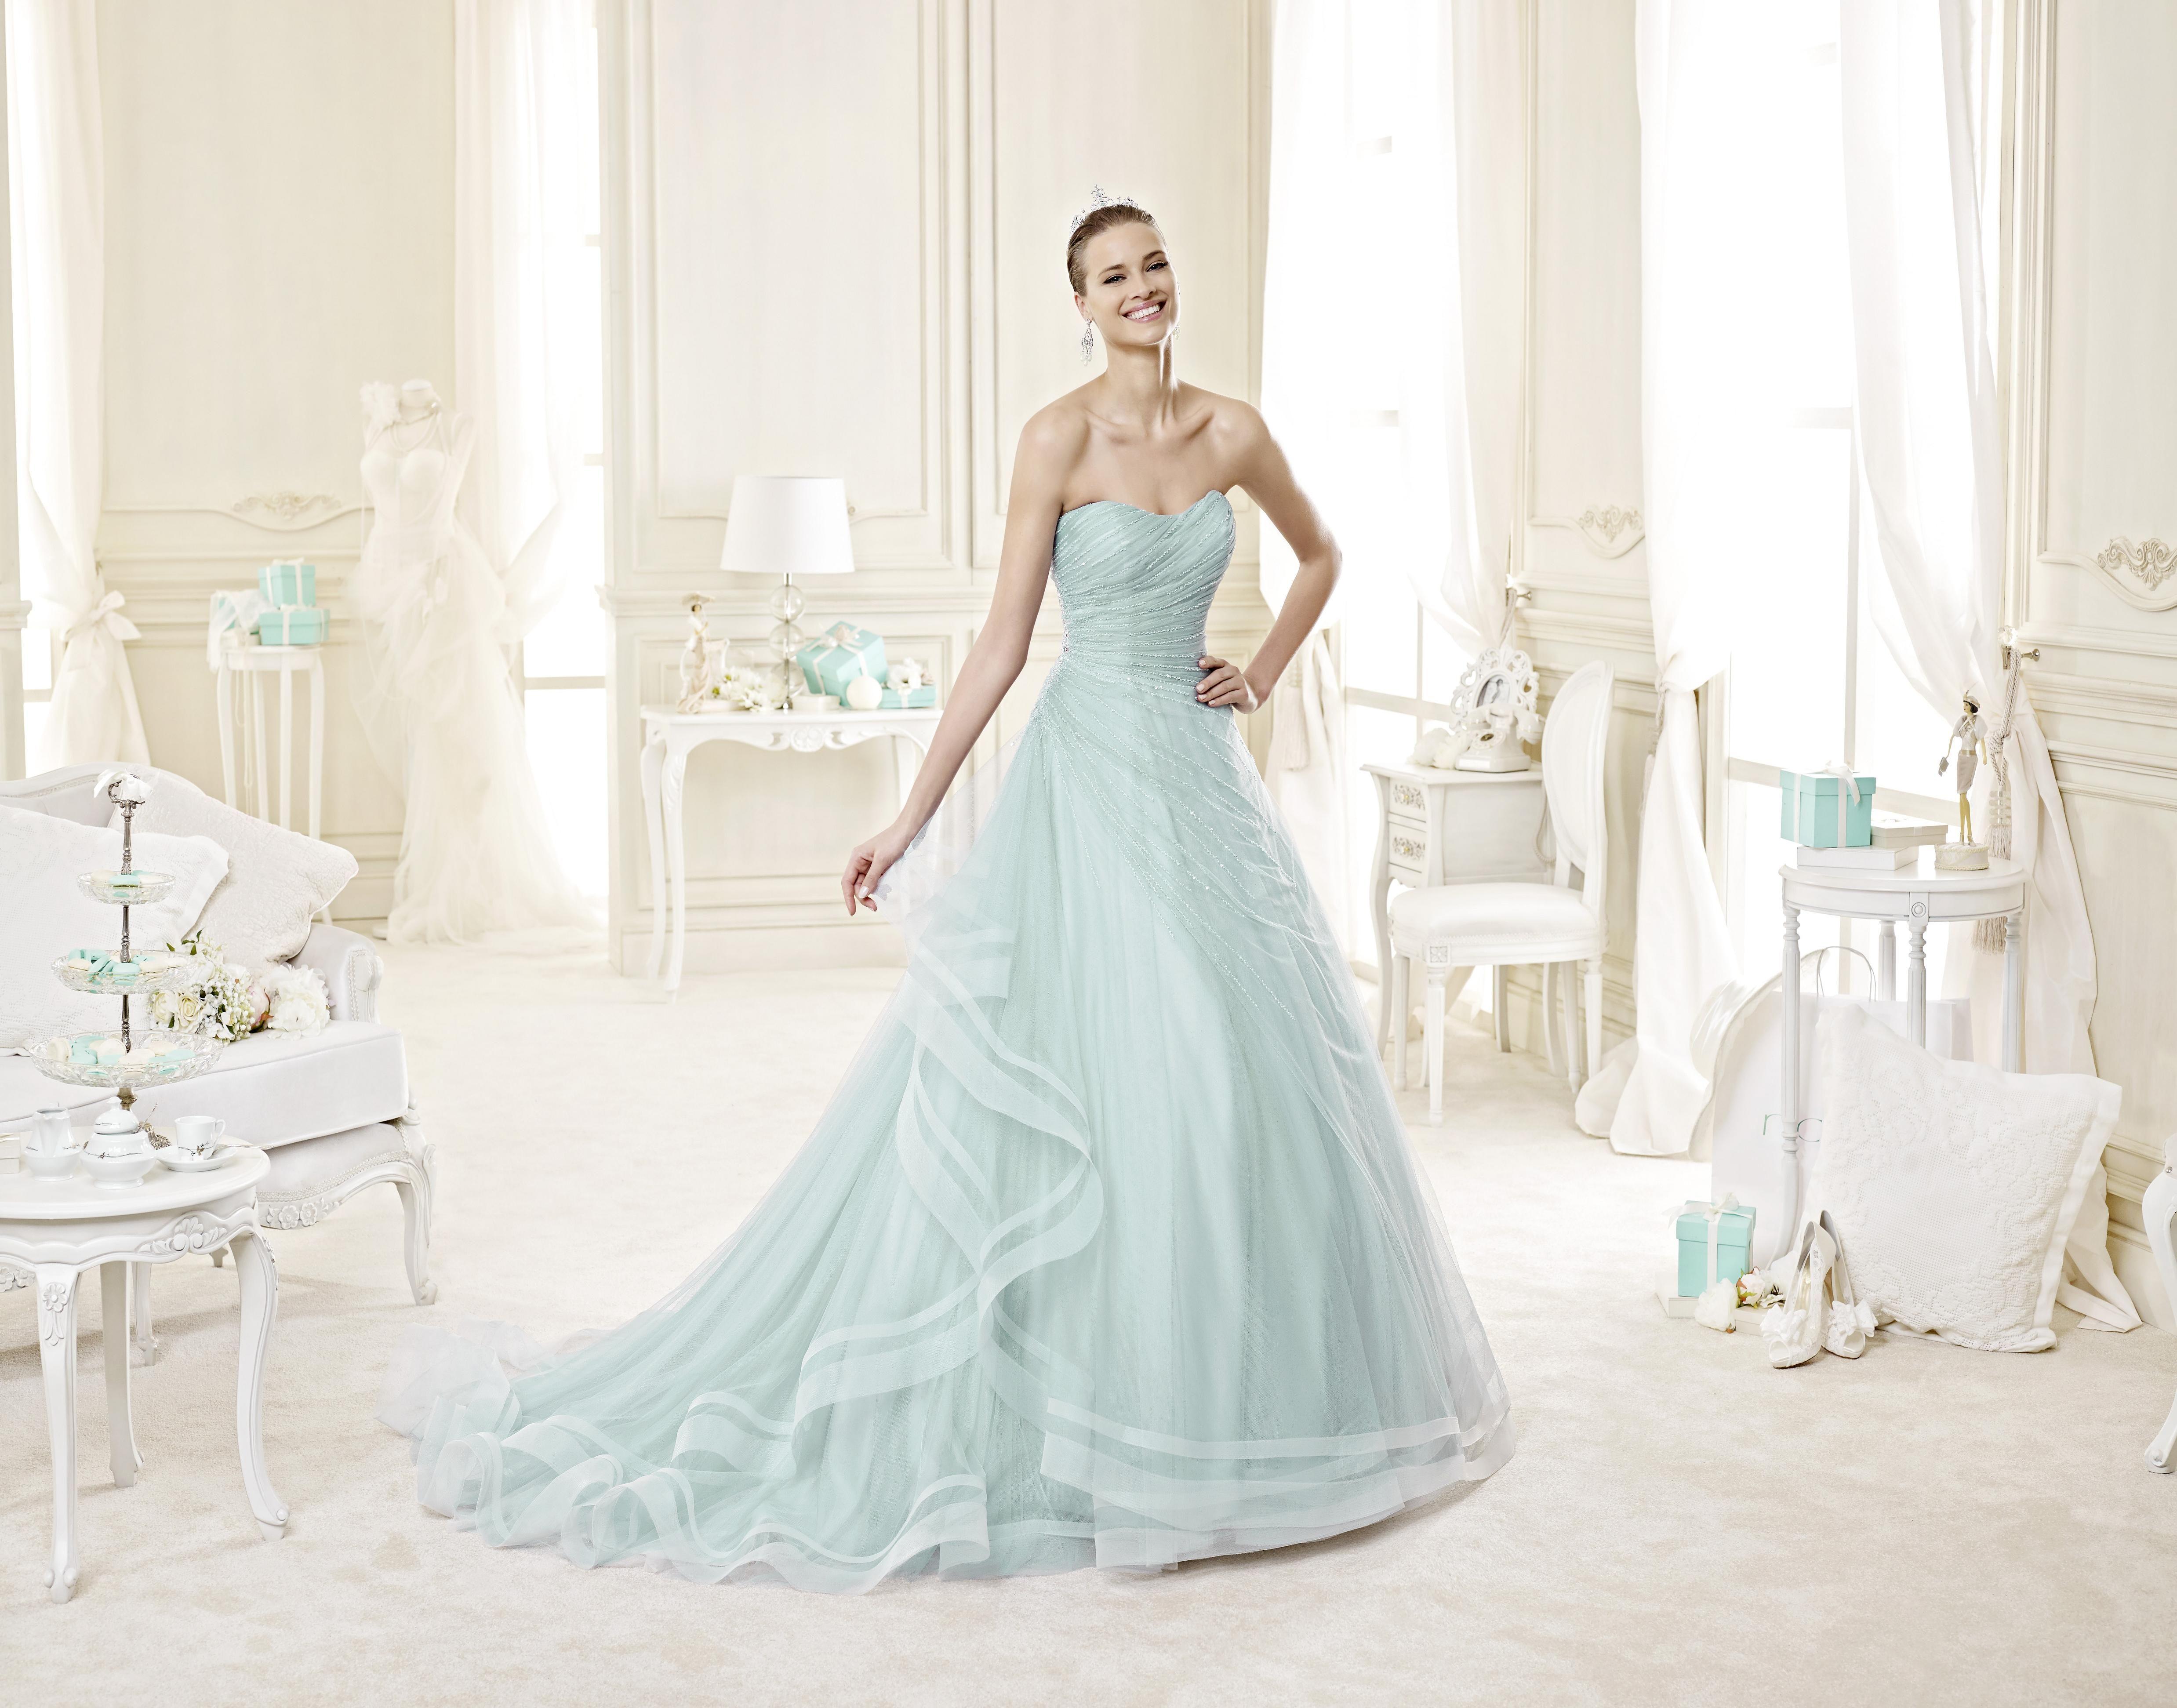 56379a049b93 E se l abito da sposa fosse color azzurro  tiffany   abitodasposa   matrimonio